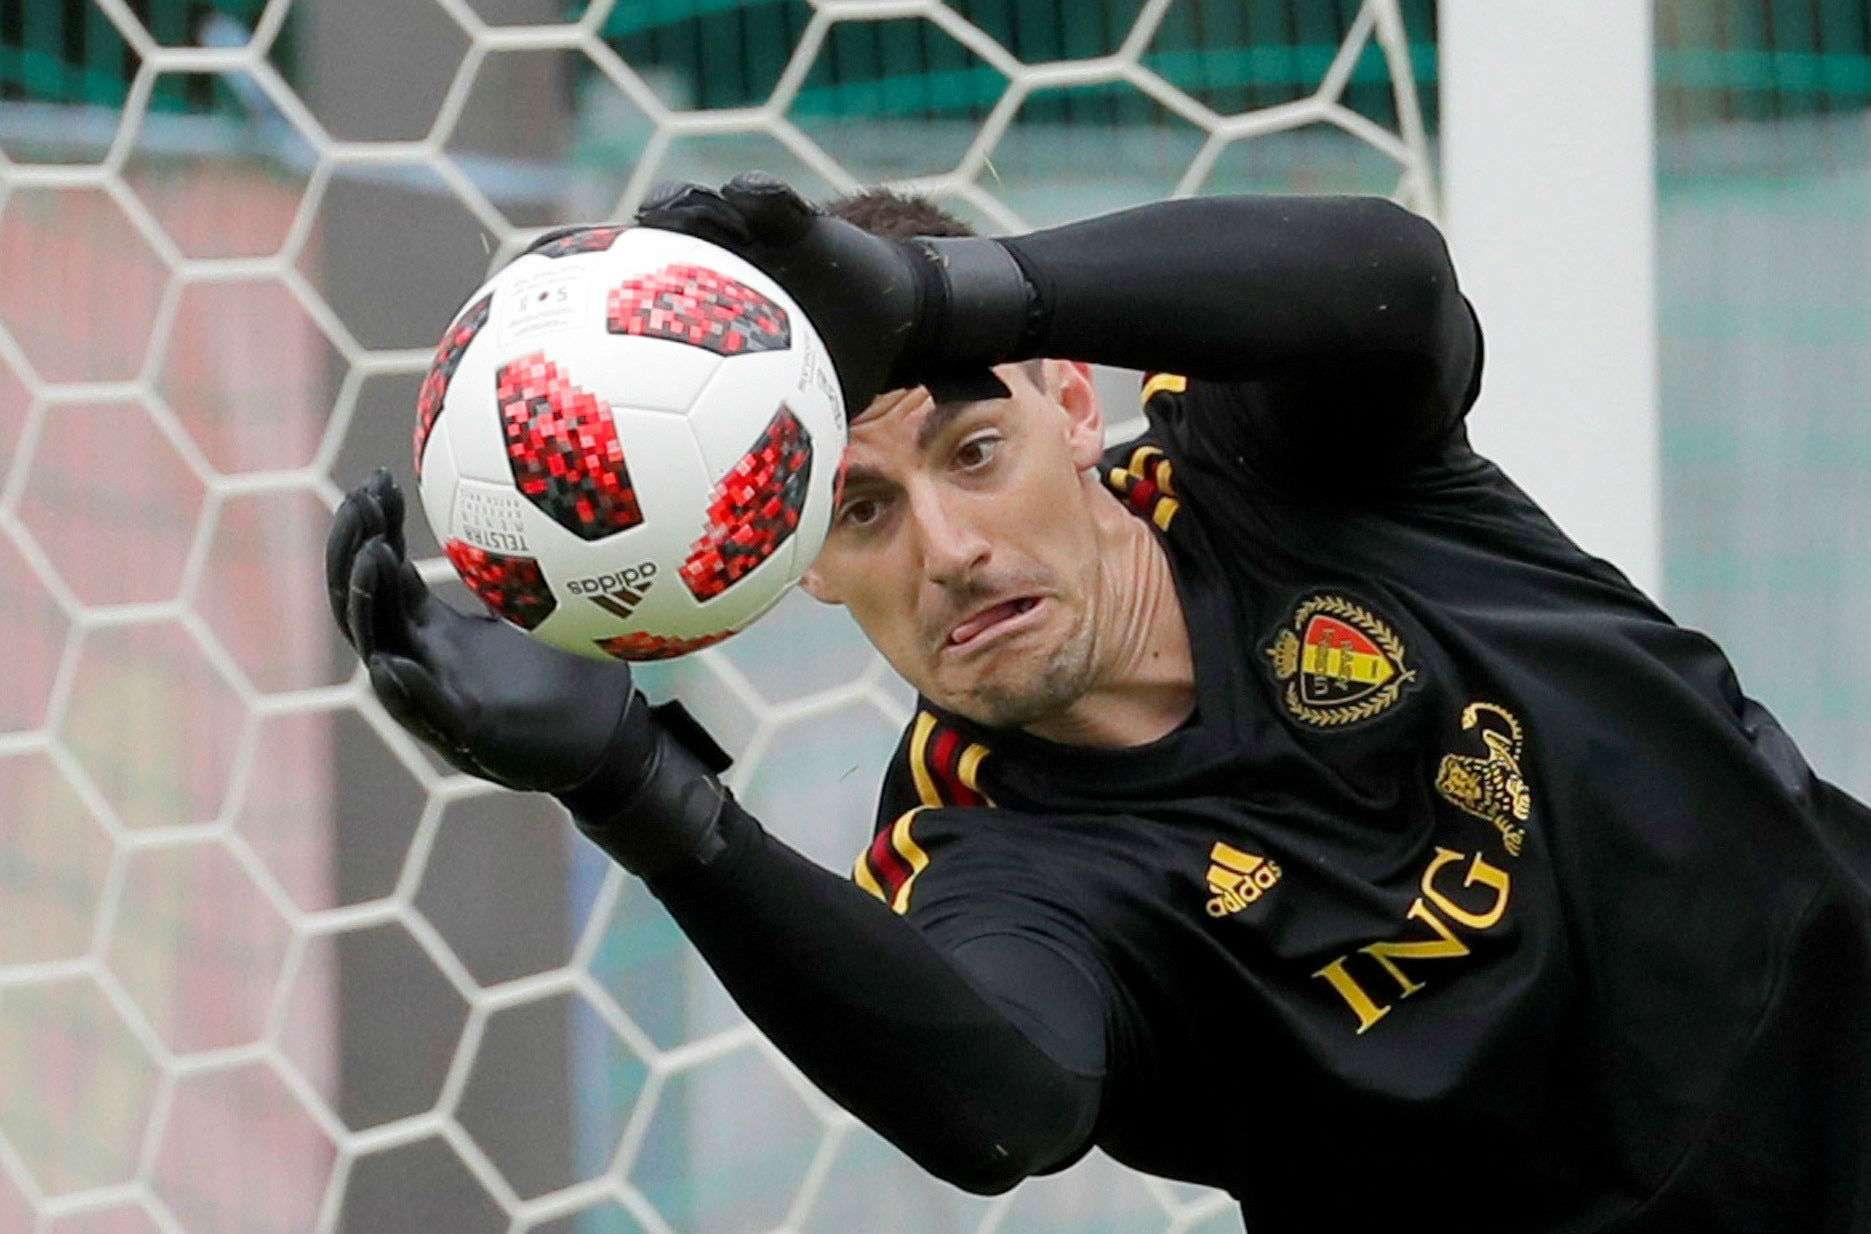 El guardameta de la selección de Bélgica, Thibaut Courtois. Foto:EFE